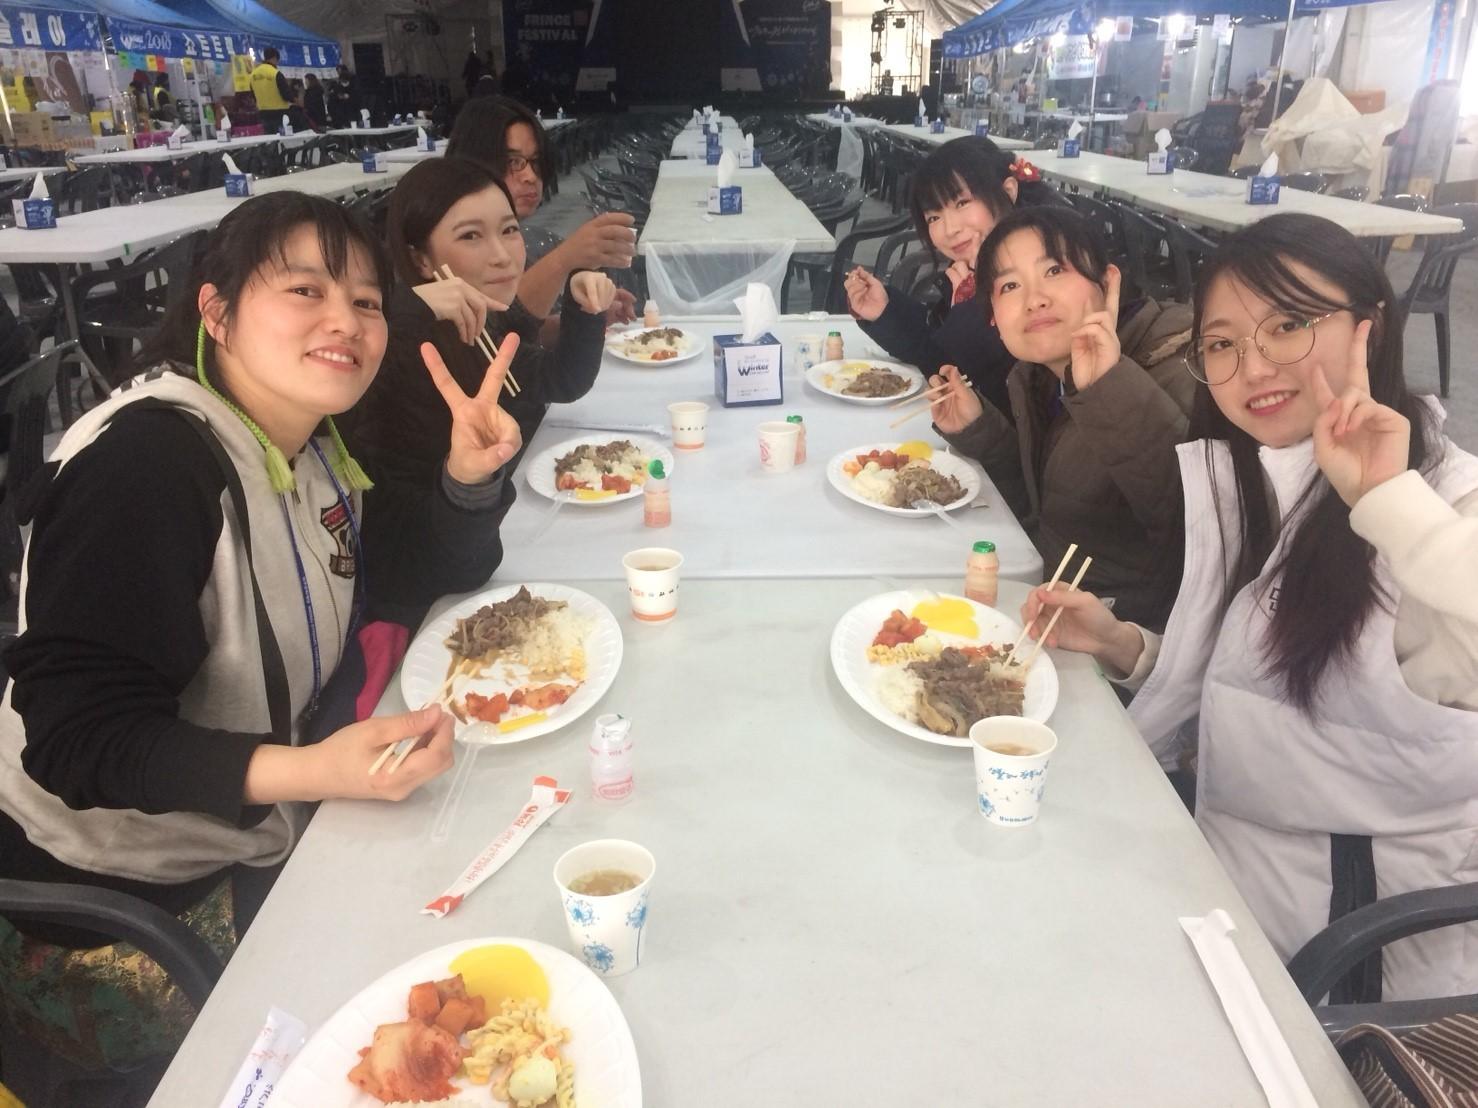 ★殺陣パフォーマンス in 韓国 vol.2★_f0351775_01274313.jpg